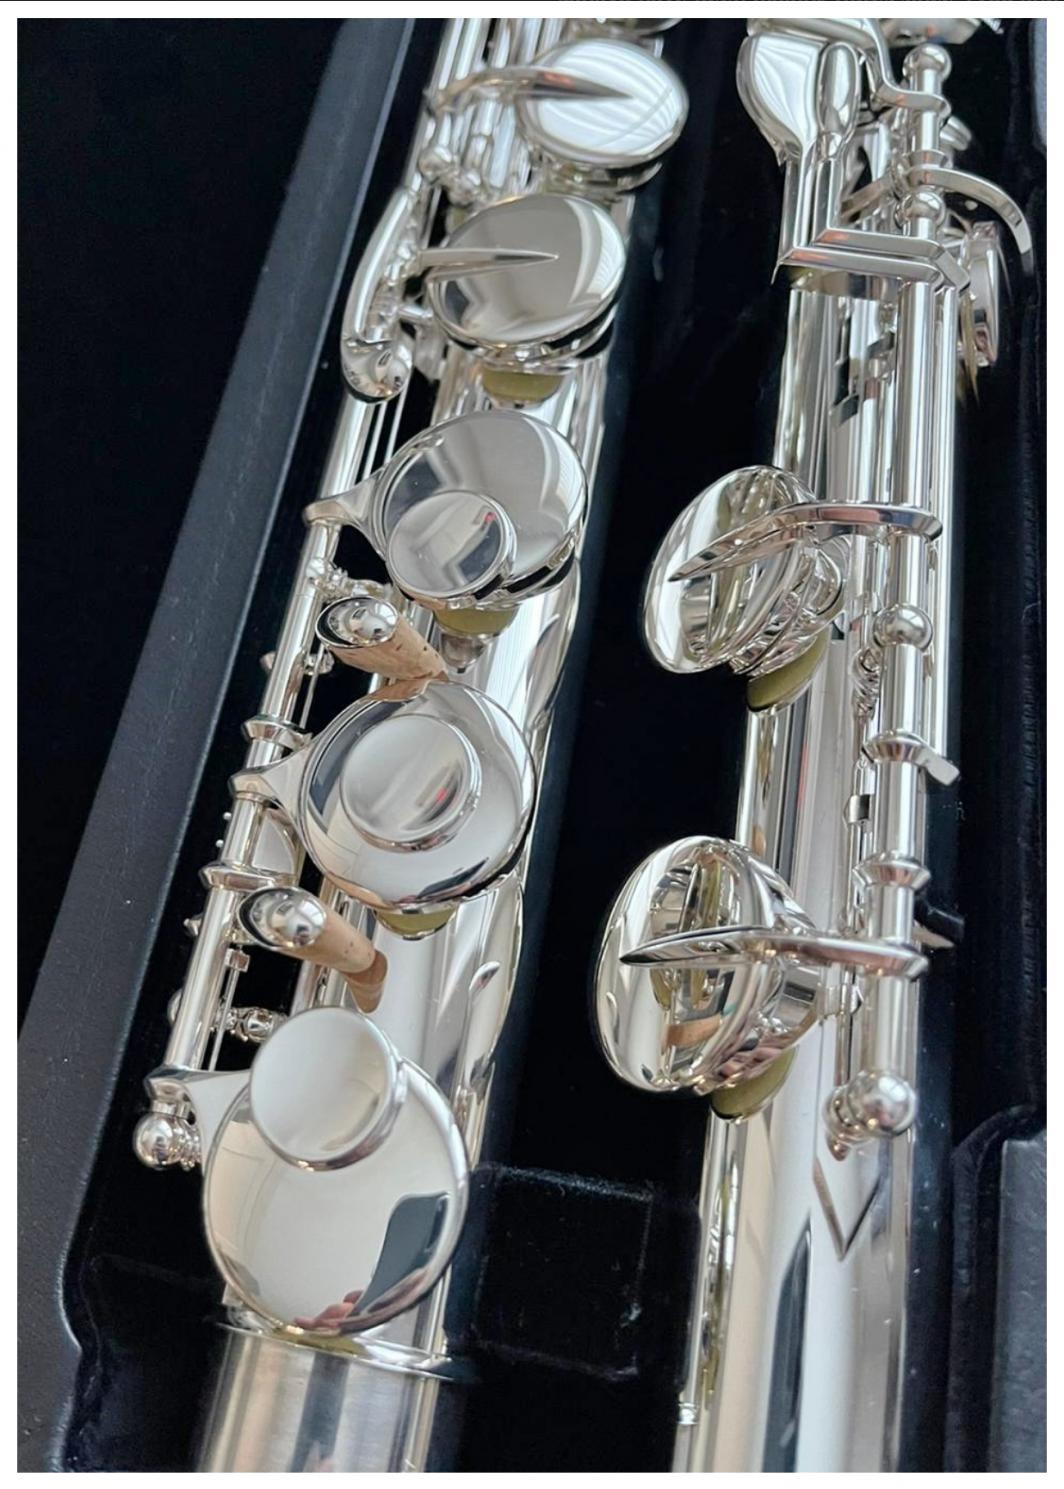 Sankyo AF201 Alto Flute - Silver Head, Closed Holes